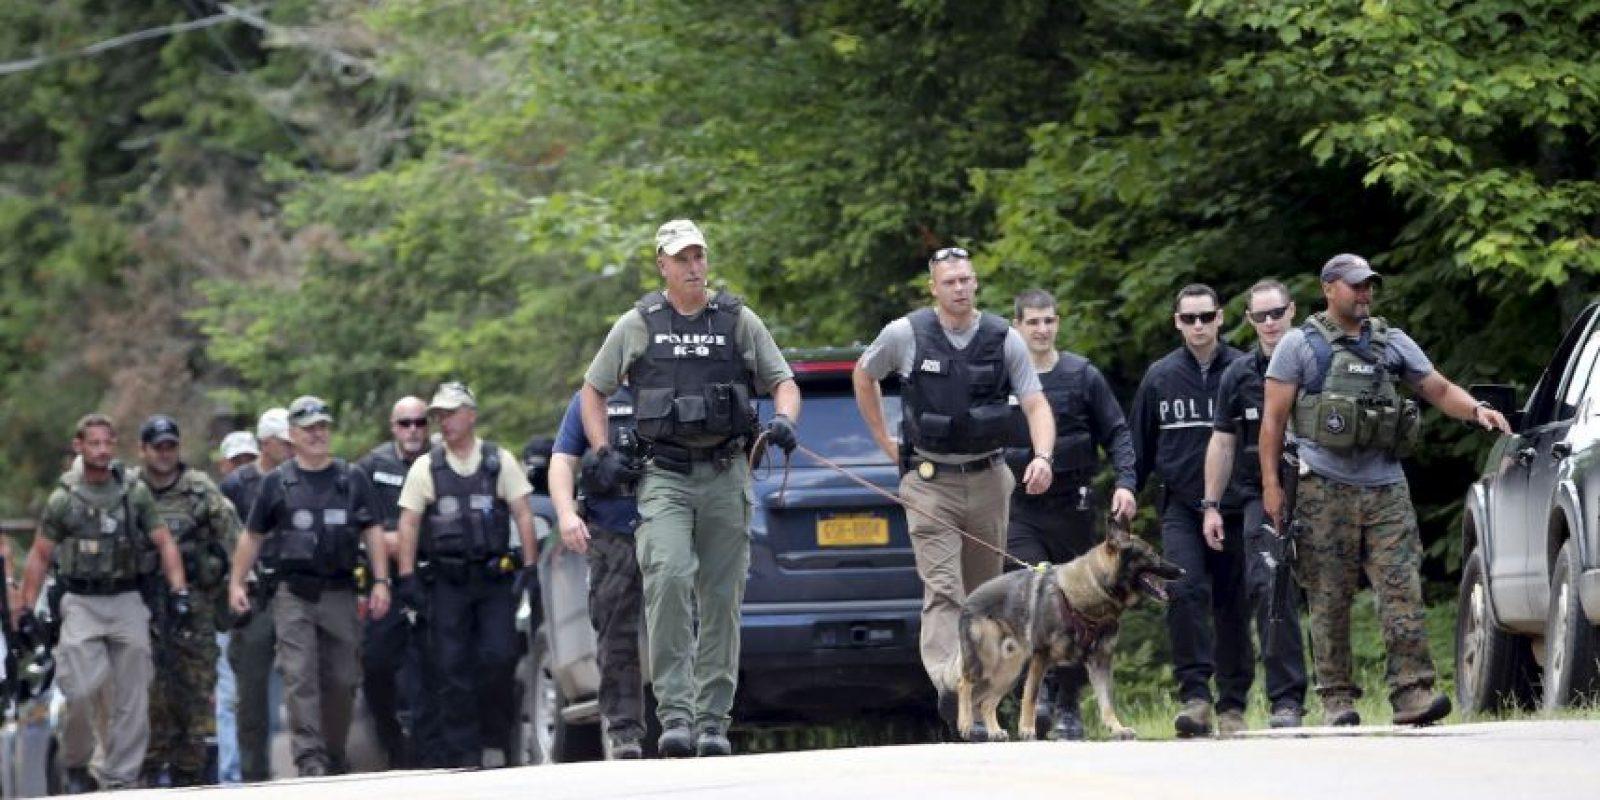 Polícia encuentra ADN de fugitivos en una cabaña saqueada. Foto:AP